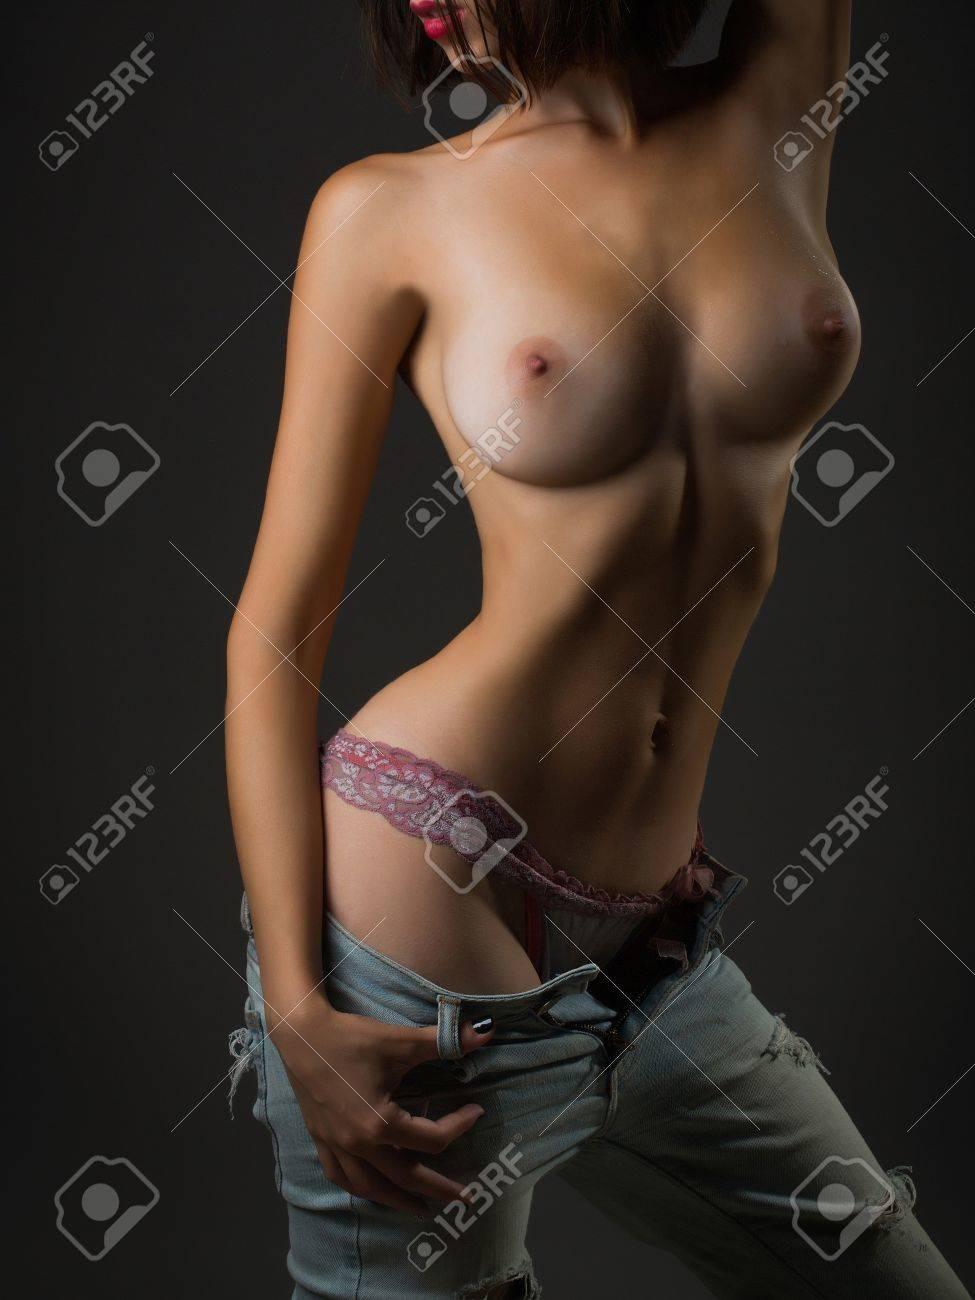 Nette Mädchen nackt Bilder